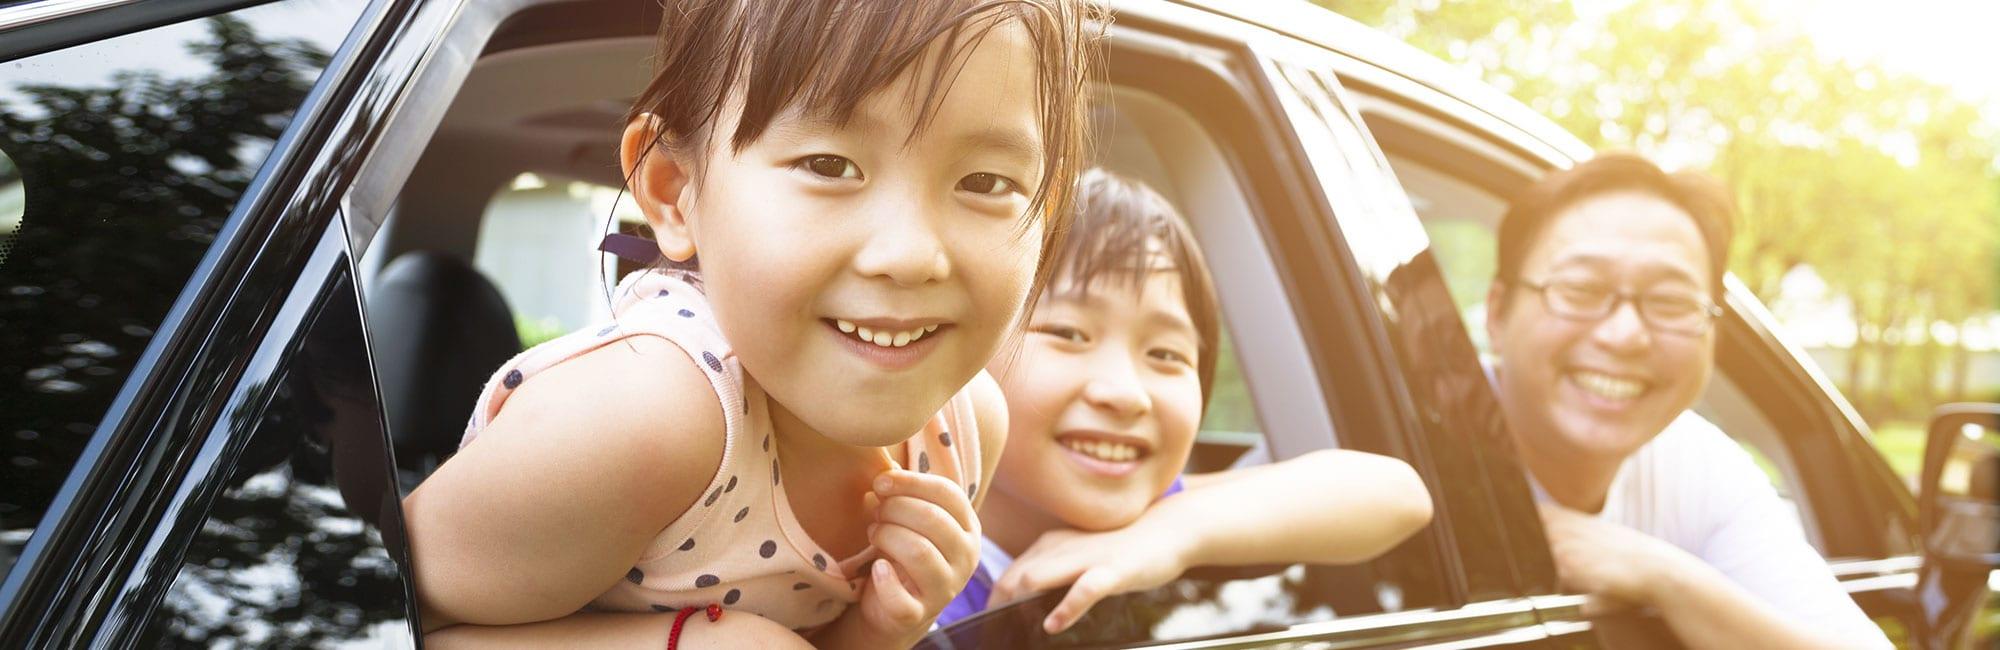 kids-dad-car